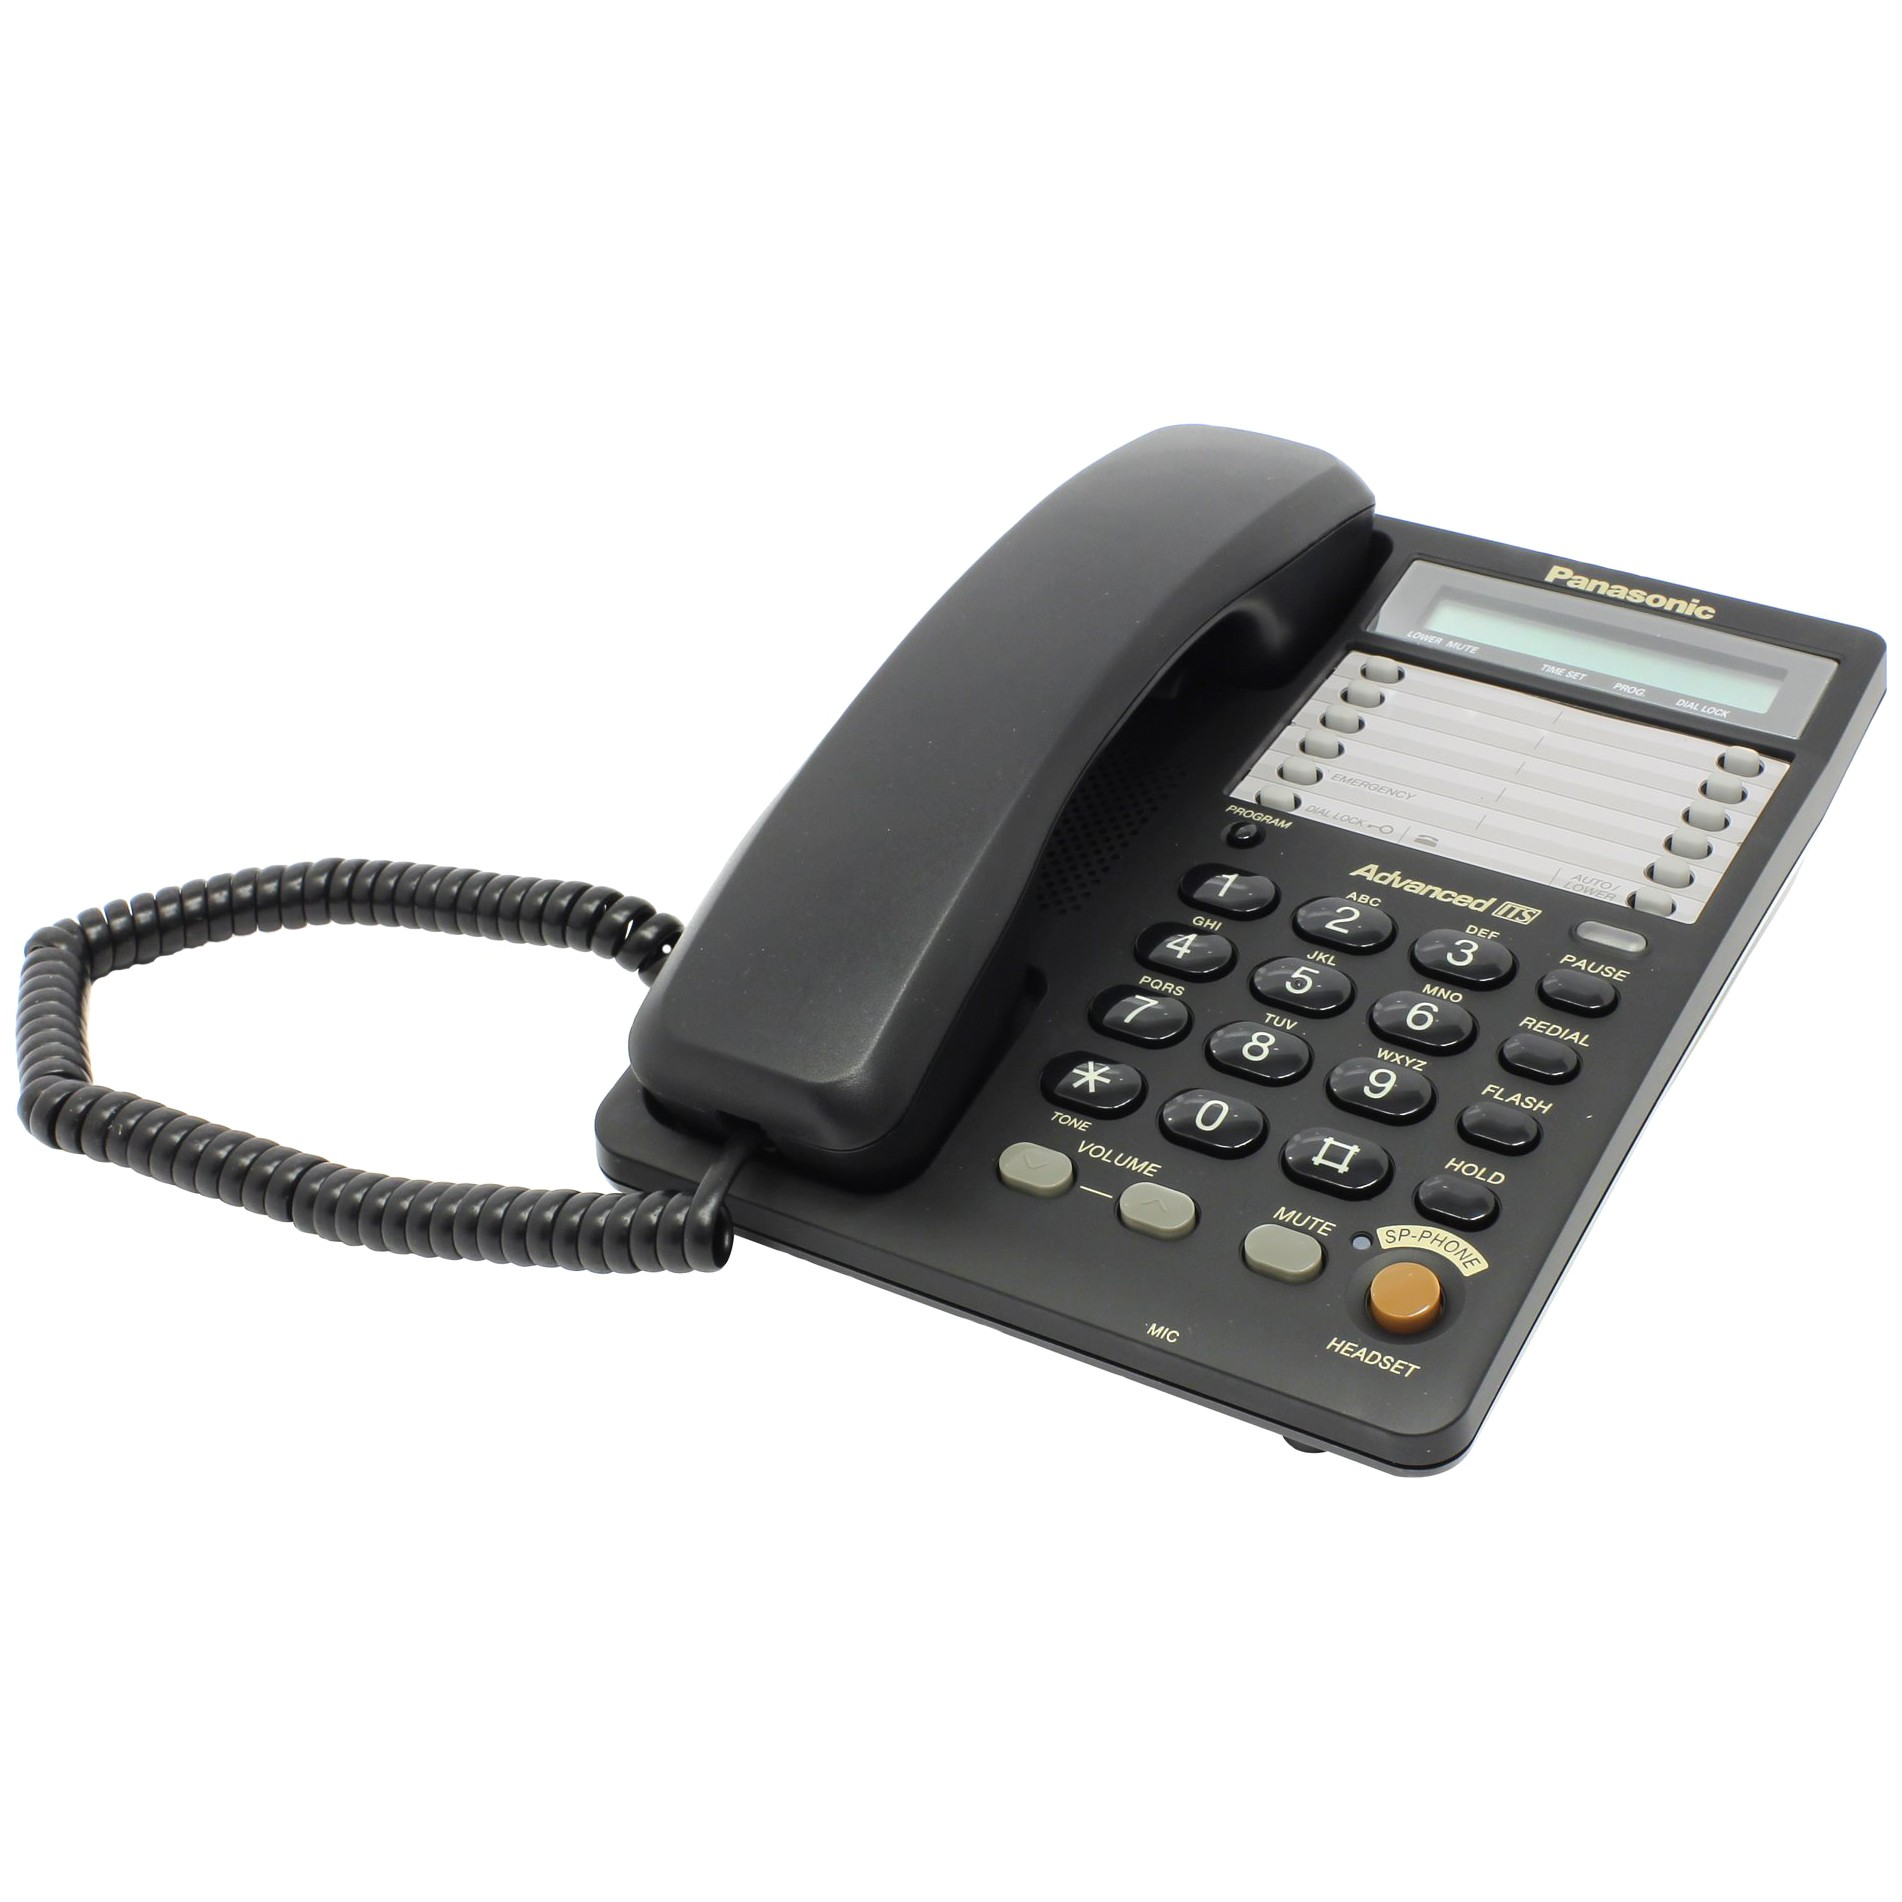 Проводной телефон Panasonic KX-TS2365 (черный)